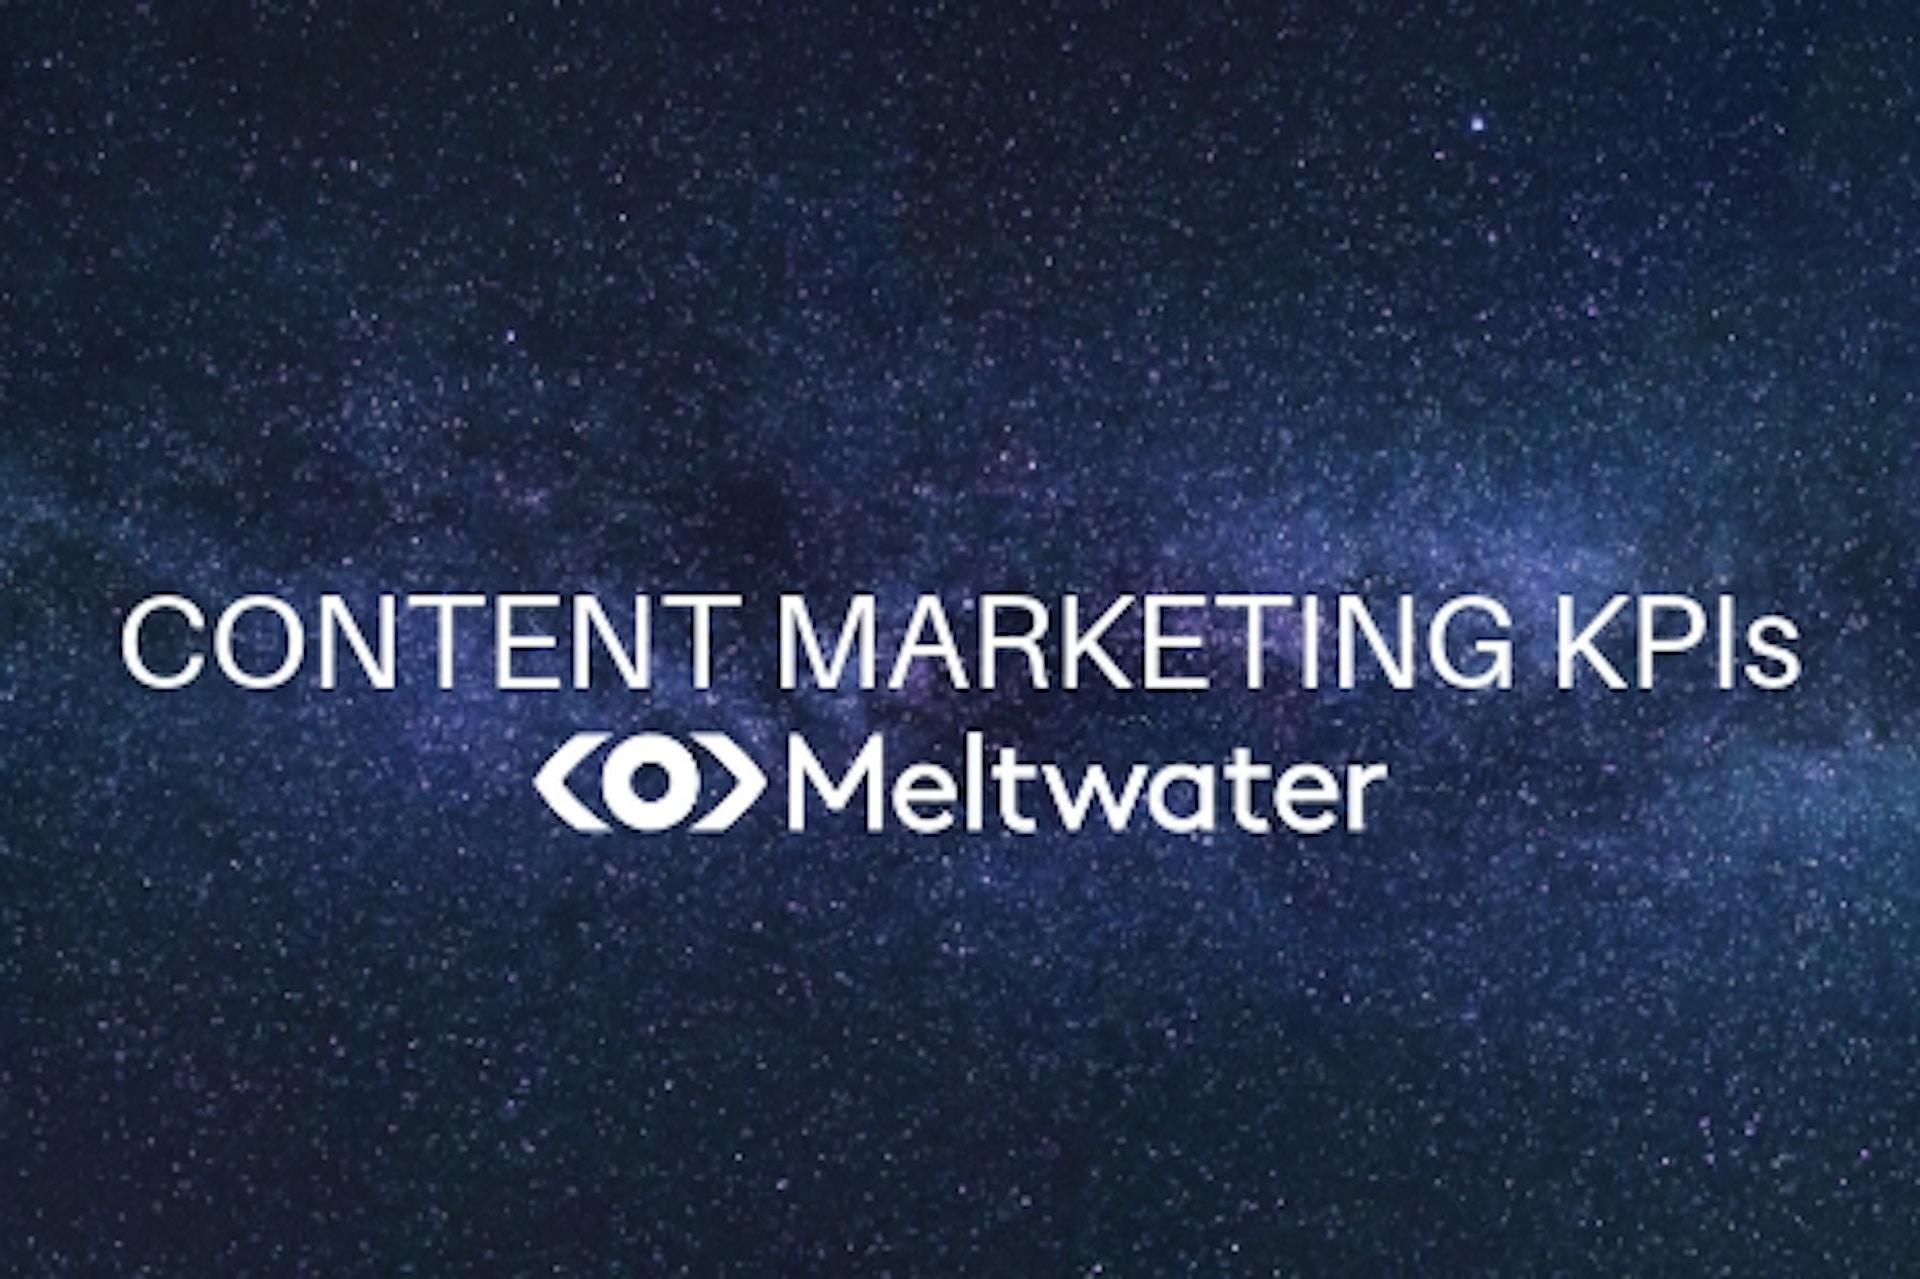 Bild vom Weltall mit Sternenhimmel mit Aufschrift Content Marketing KPIs Meltwater